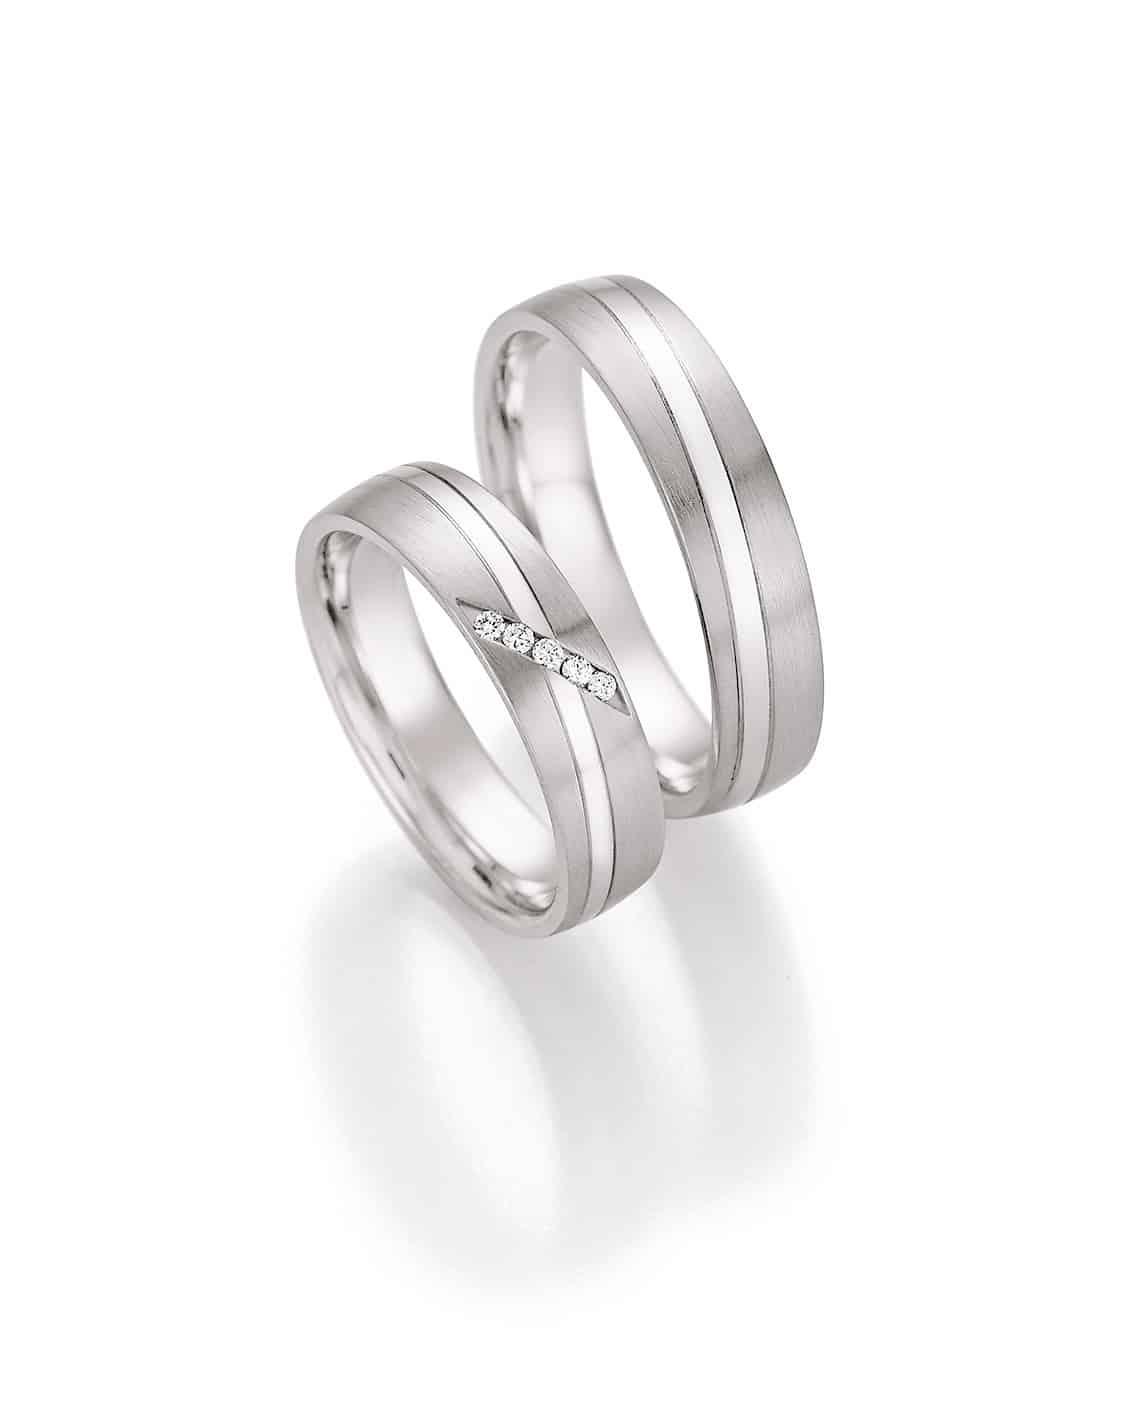 Ráj prstenů : Silver Dream 2